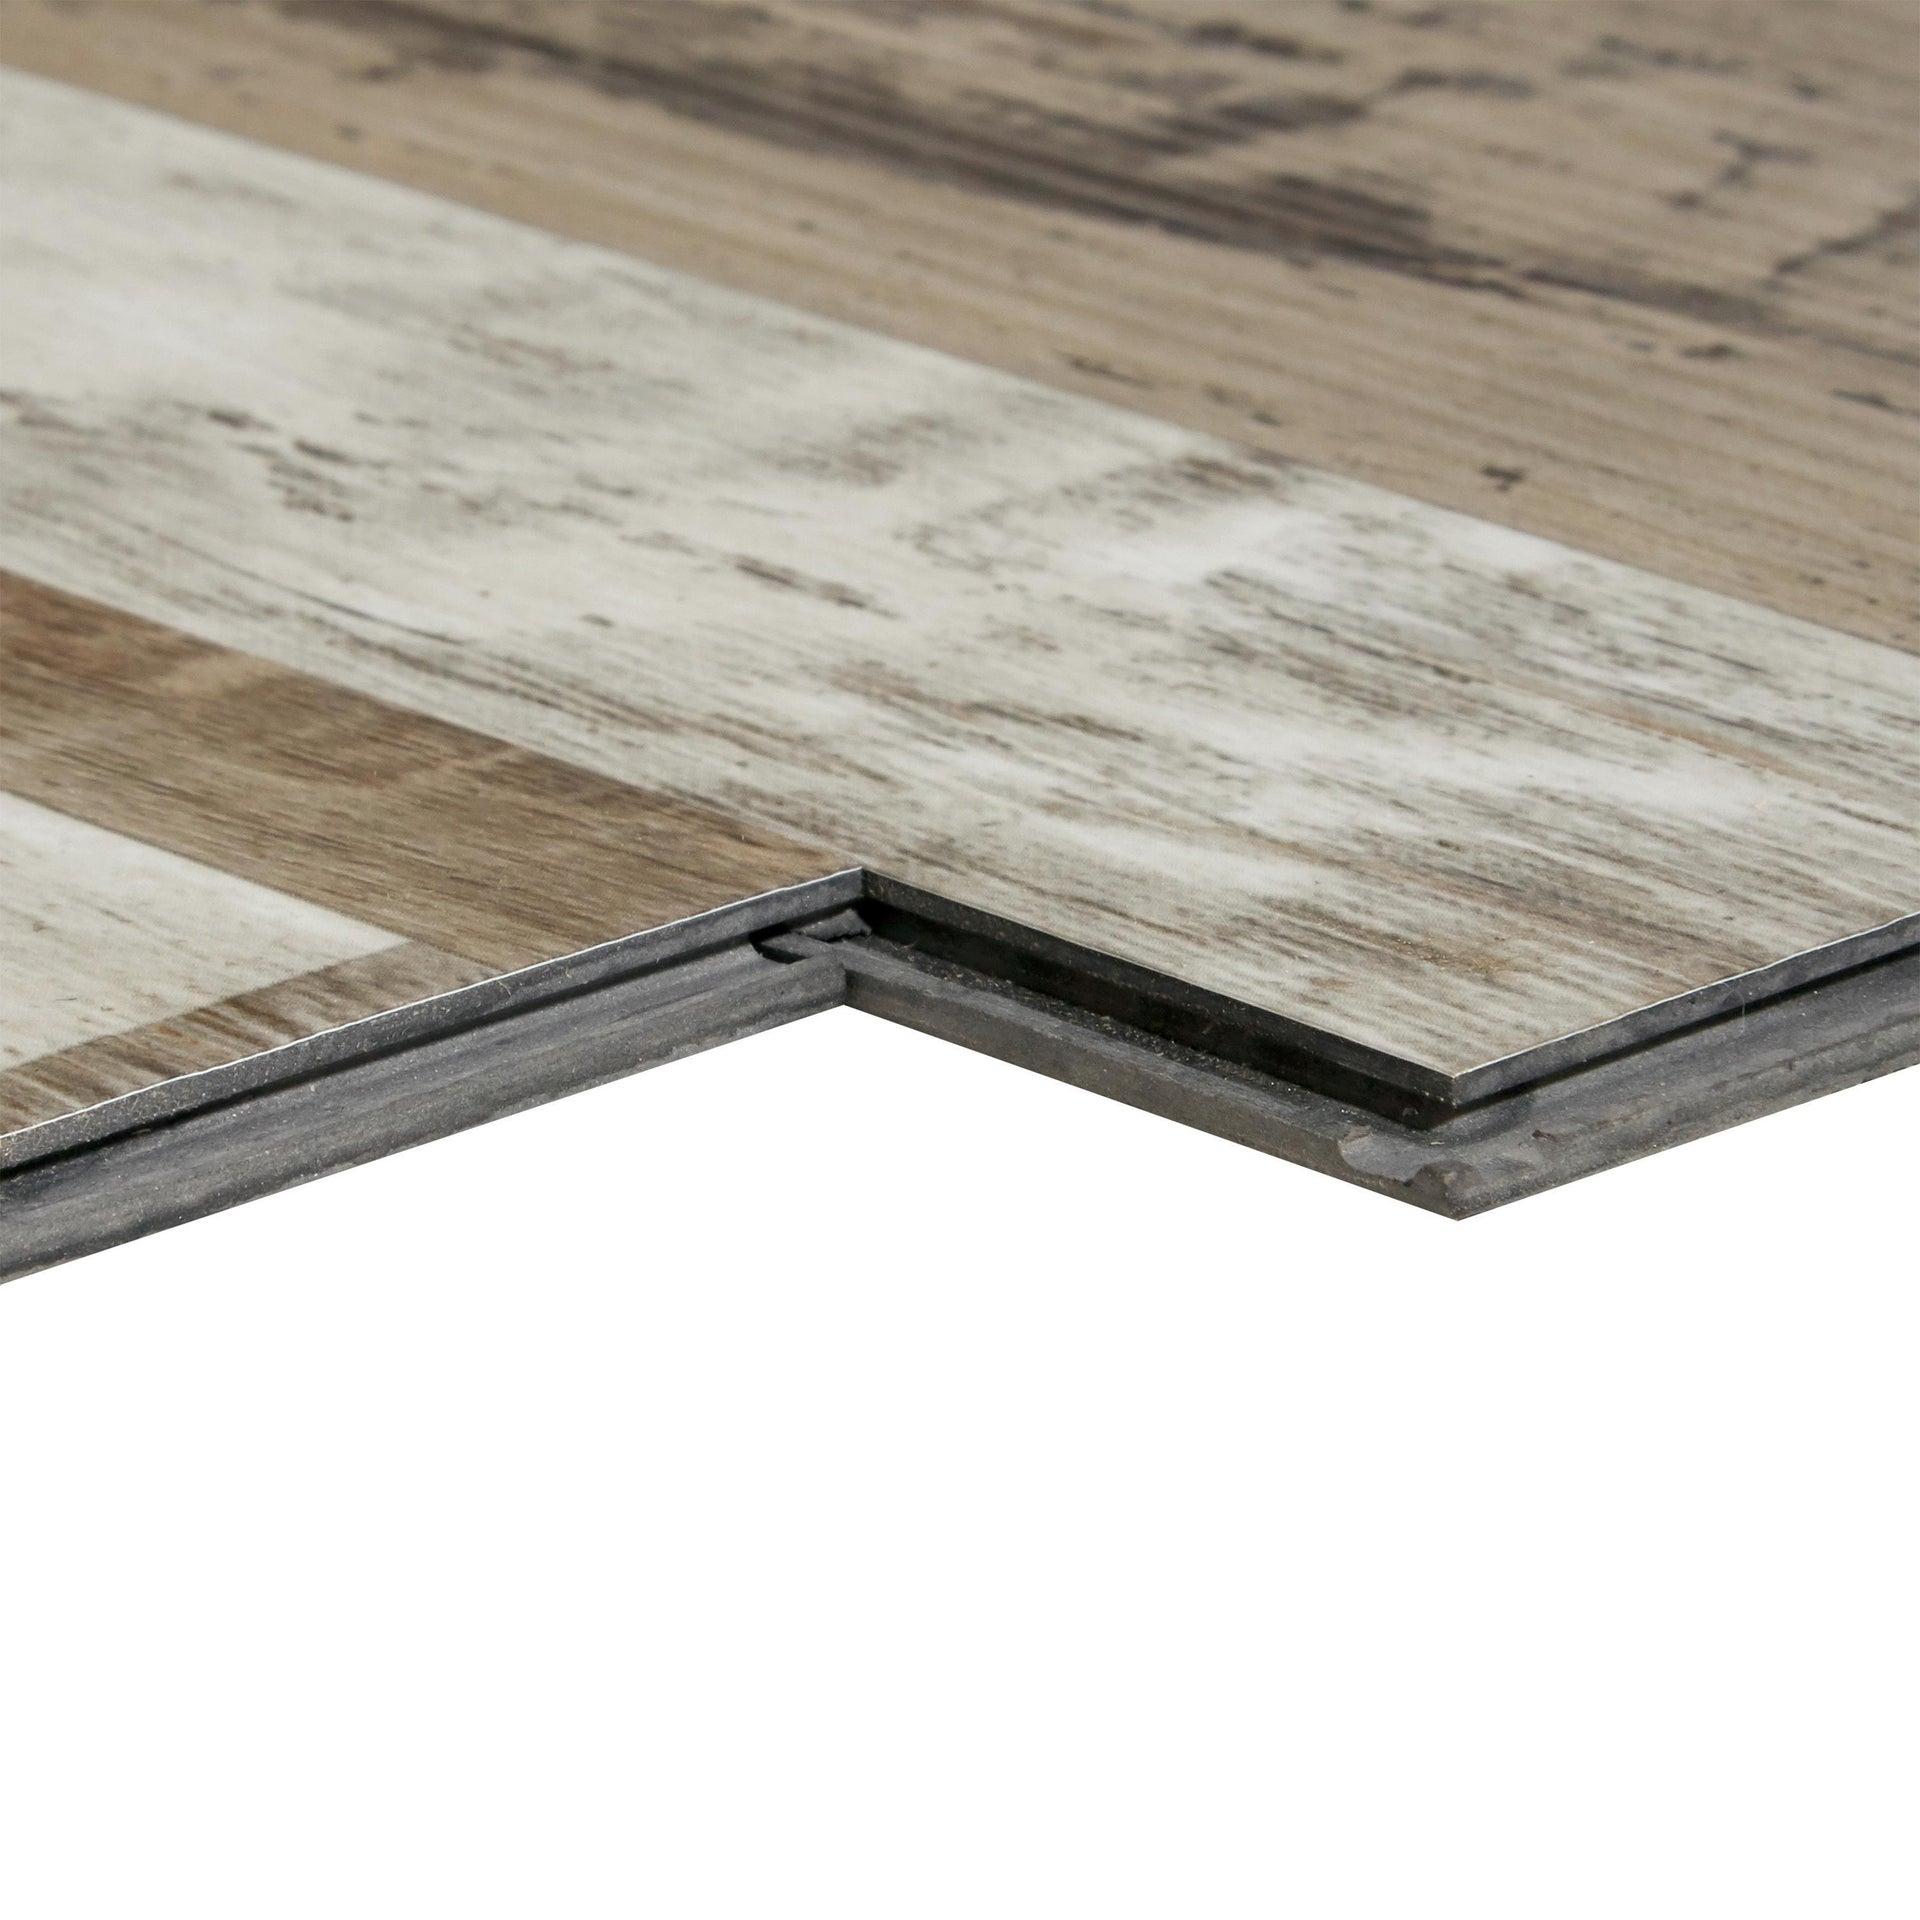 Pavimento PVC flottante clic+ Theek Sp 4 mm multicolore - 6